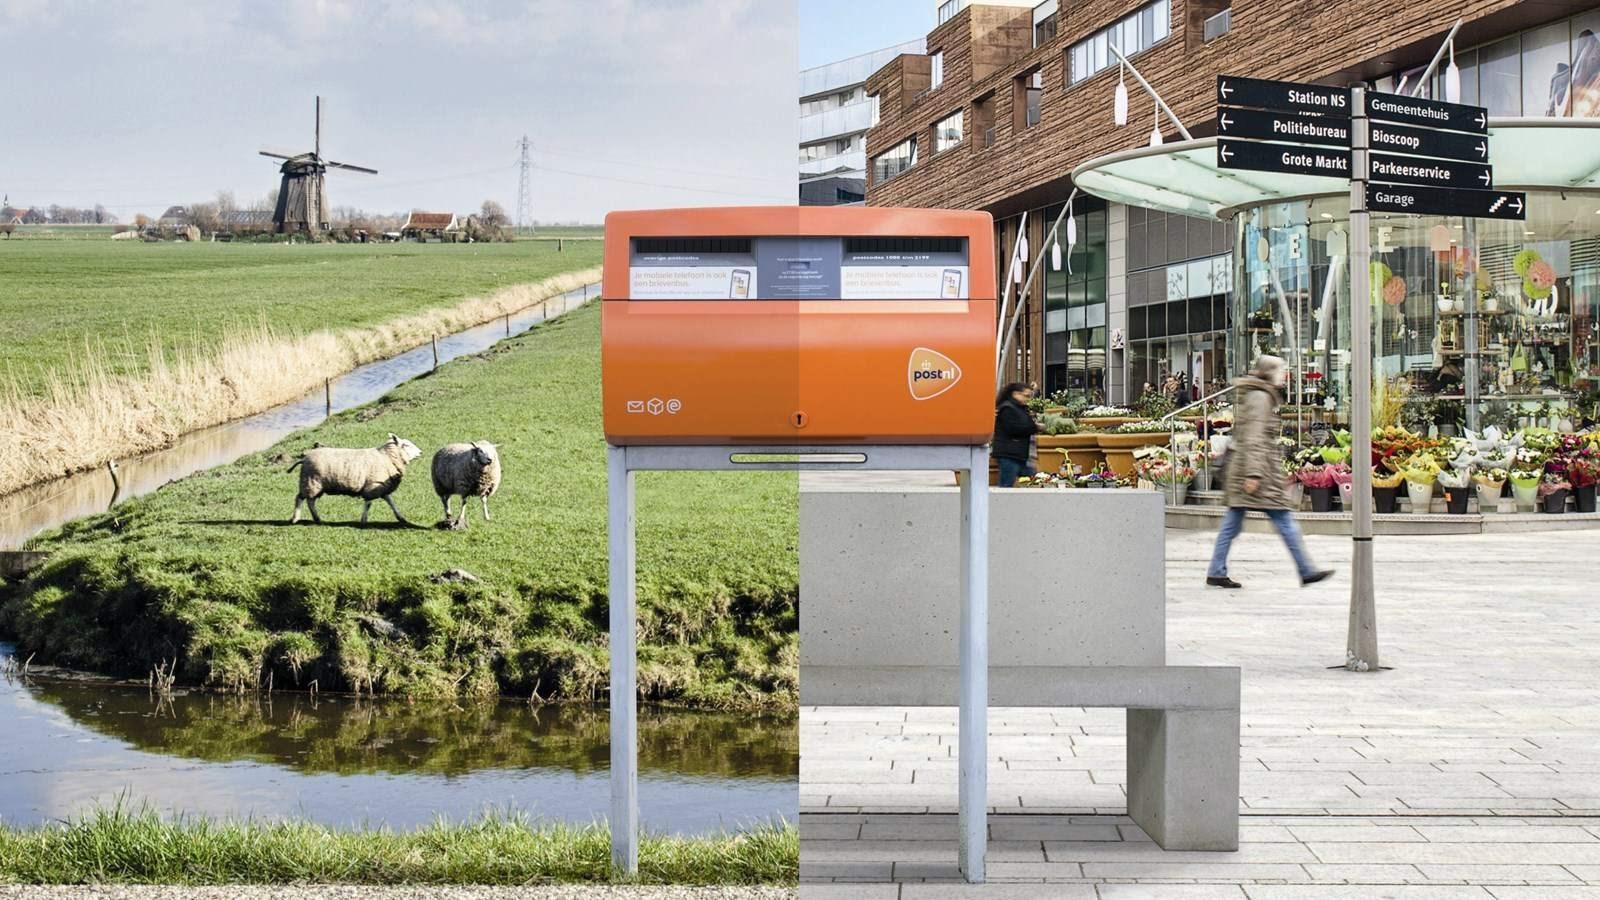 Genoeg PostNL wijzigt brievenbus locaties - Hoorngids - de nieuwsbron MC57